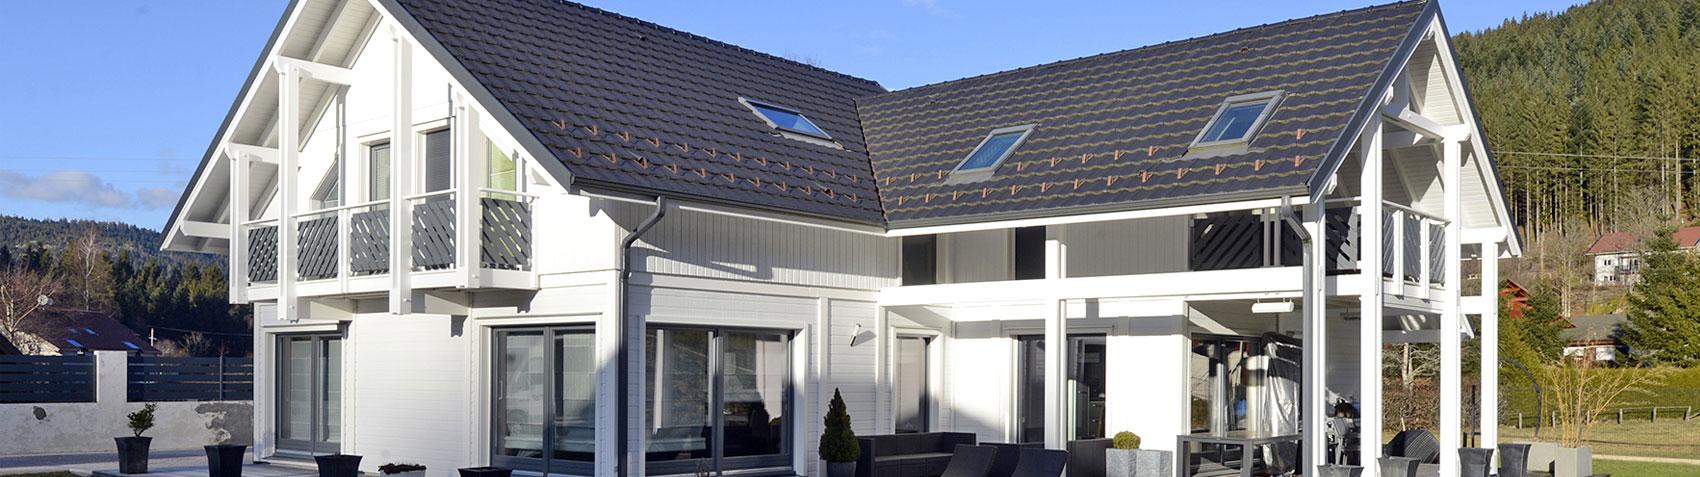 extension maison en bois en kit prix extension bois 40m2. Black Bedroom Furniture Sets. Home Design Ideas